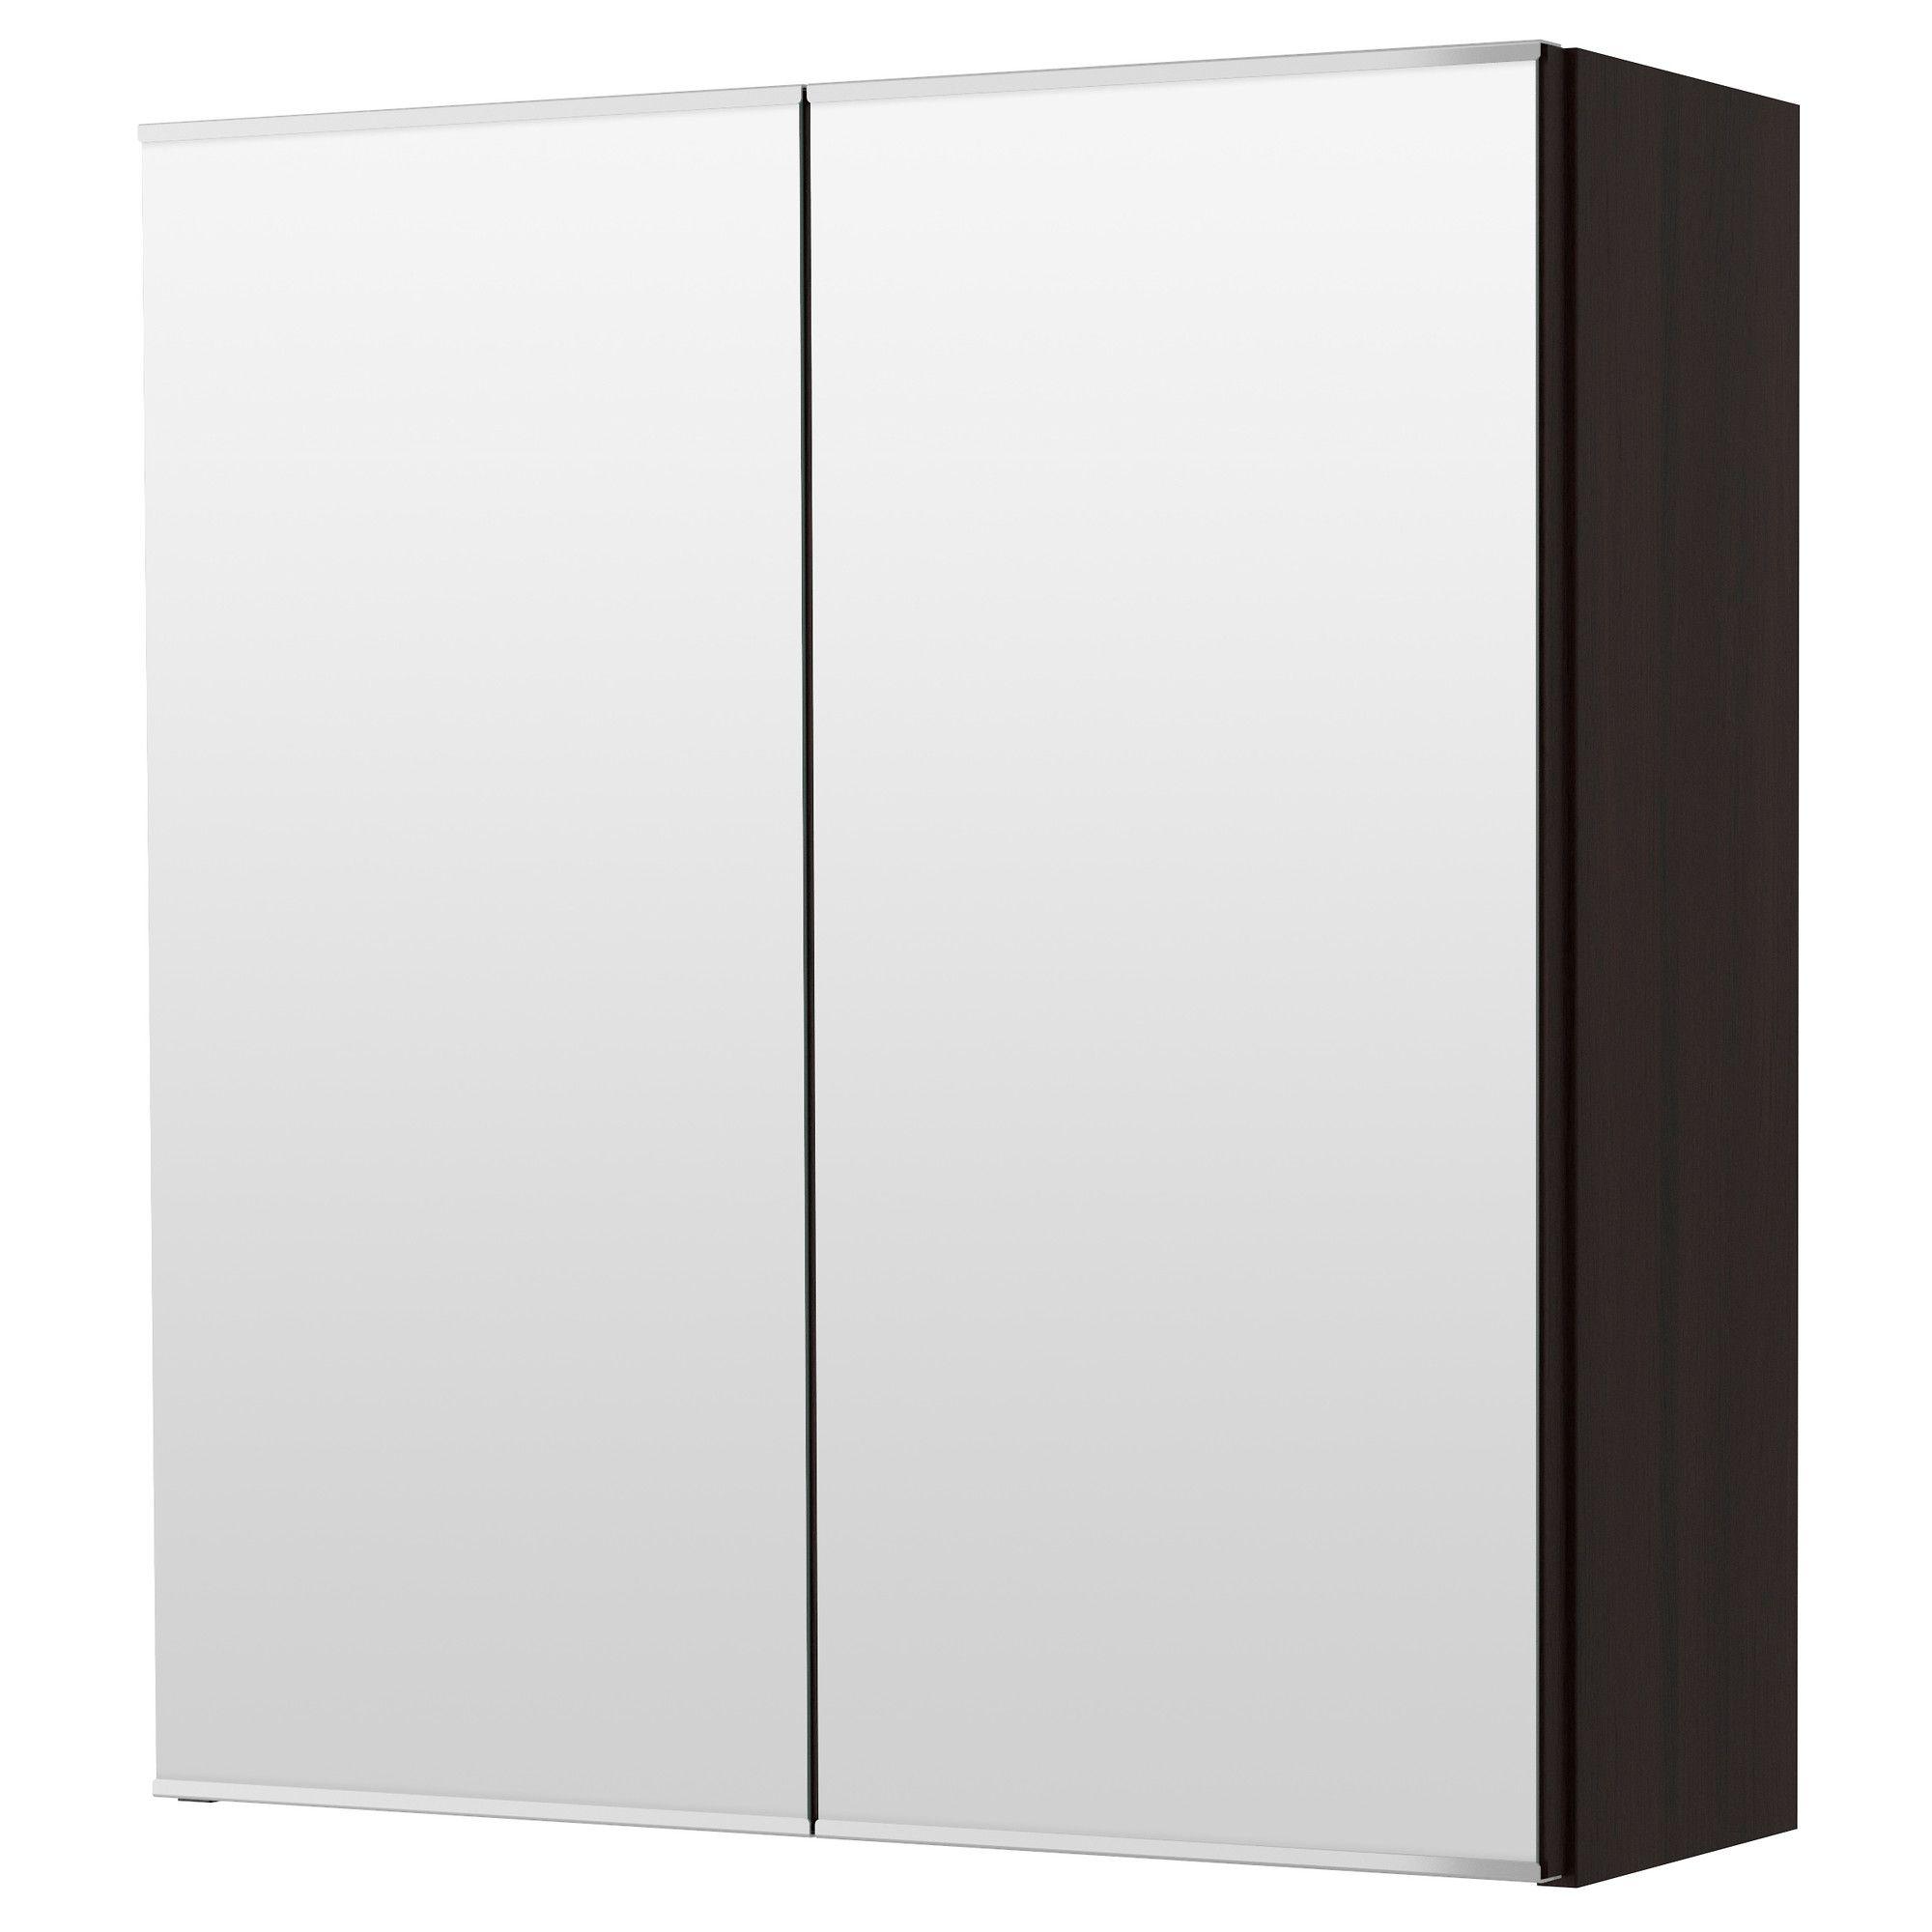 lill ngen meuble miroir 2 portes brun noir brun noir ikea brun et miroirs. Black Bedroom Furniture Sets. Home Design Ideas